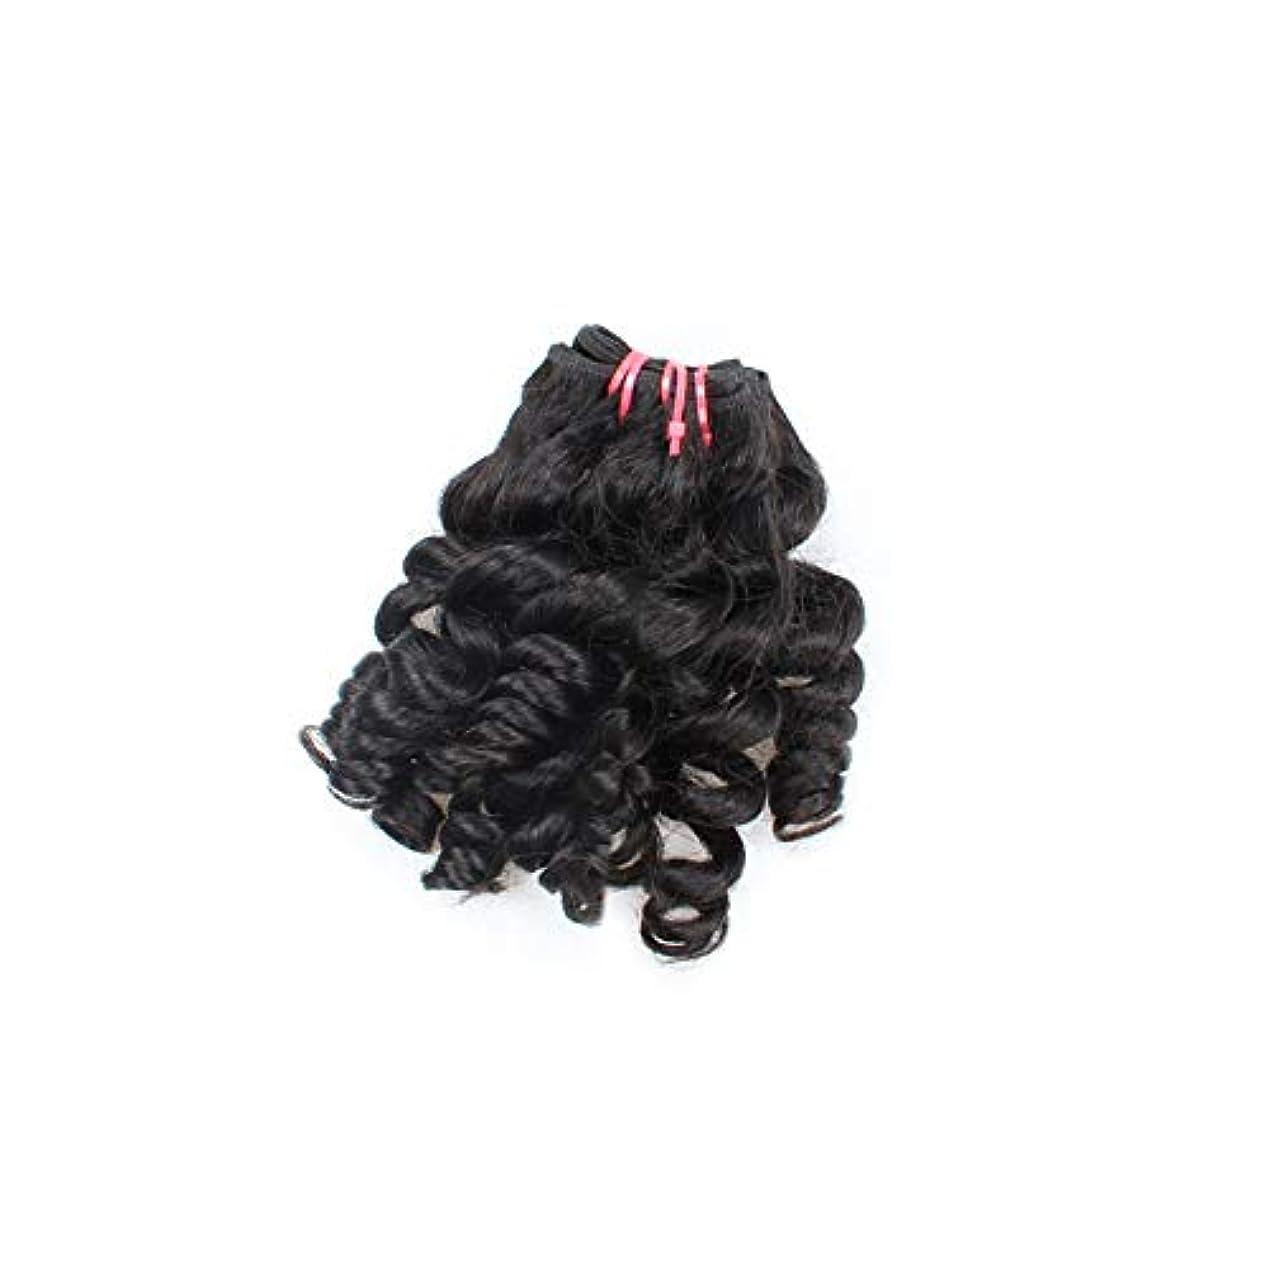 官僚同級生侮辱WASAIO 閉鎖ボディリアルなブラックカラーで、ブラジルのカーリー人間の髪バンドルワンタンウェーブウィーブ (色 : 黒, サイズ : 16 inch)